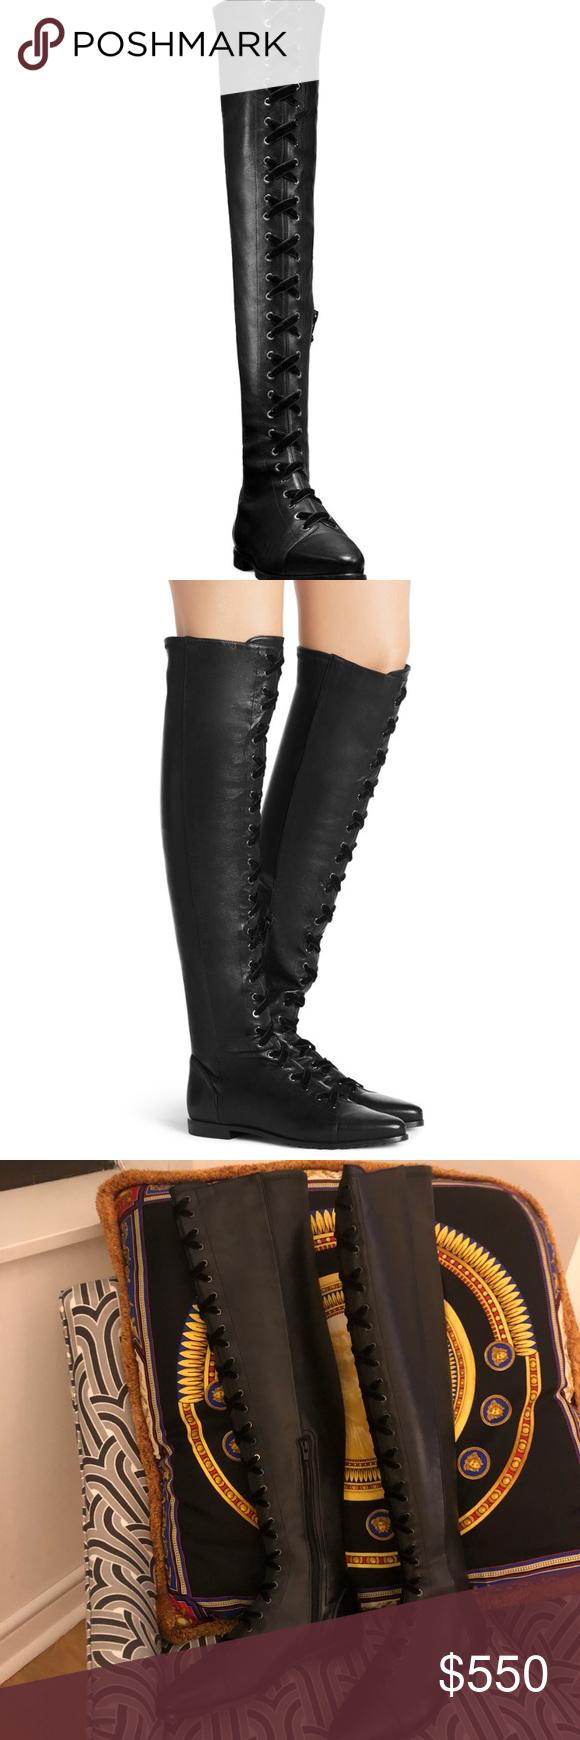 31d4d3872a5 Stuart Weizmann Saga boots Heel height  .75